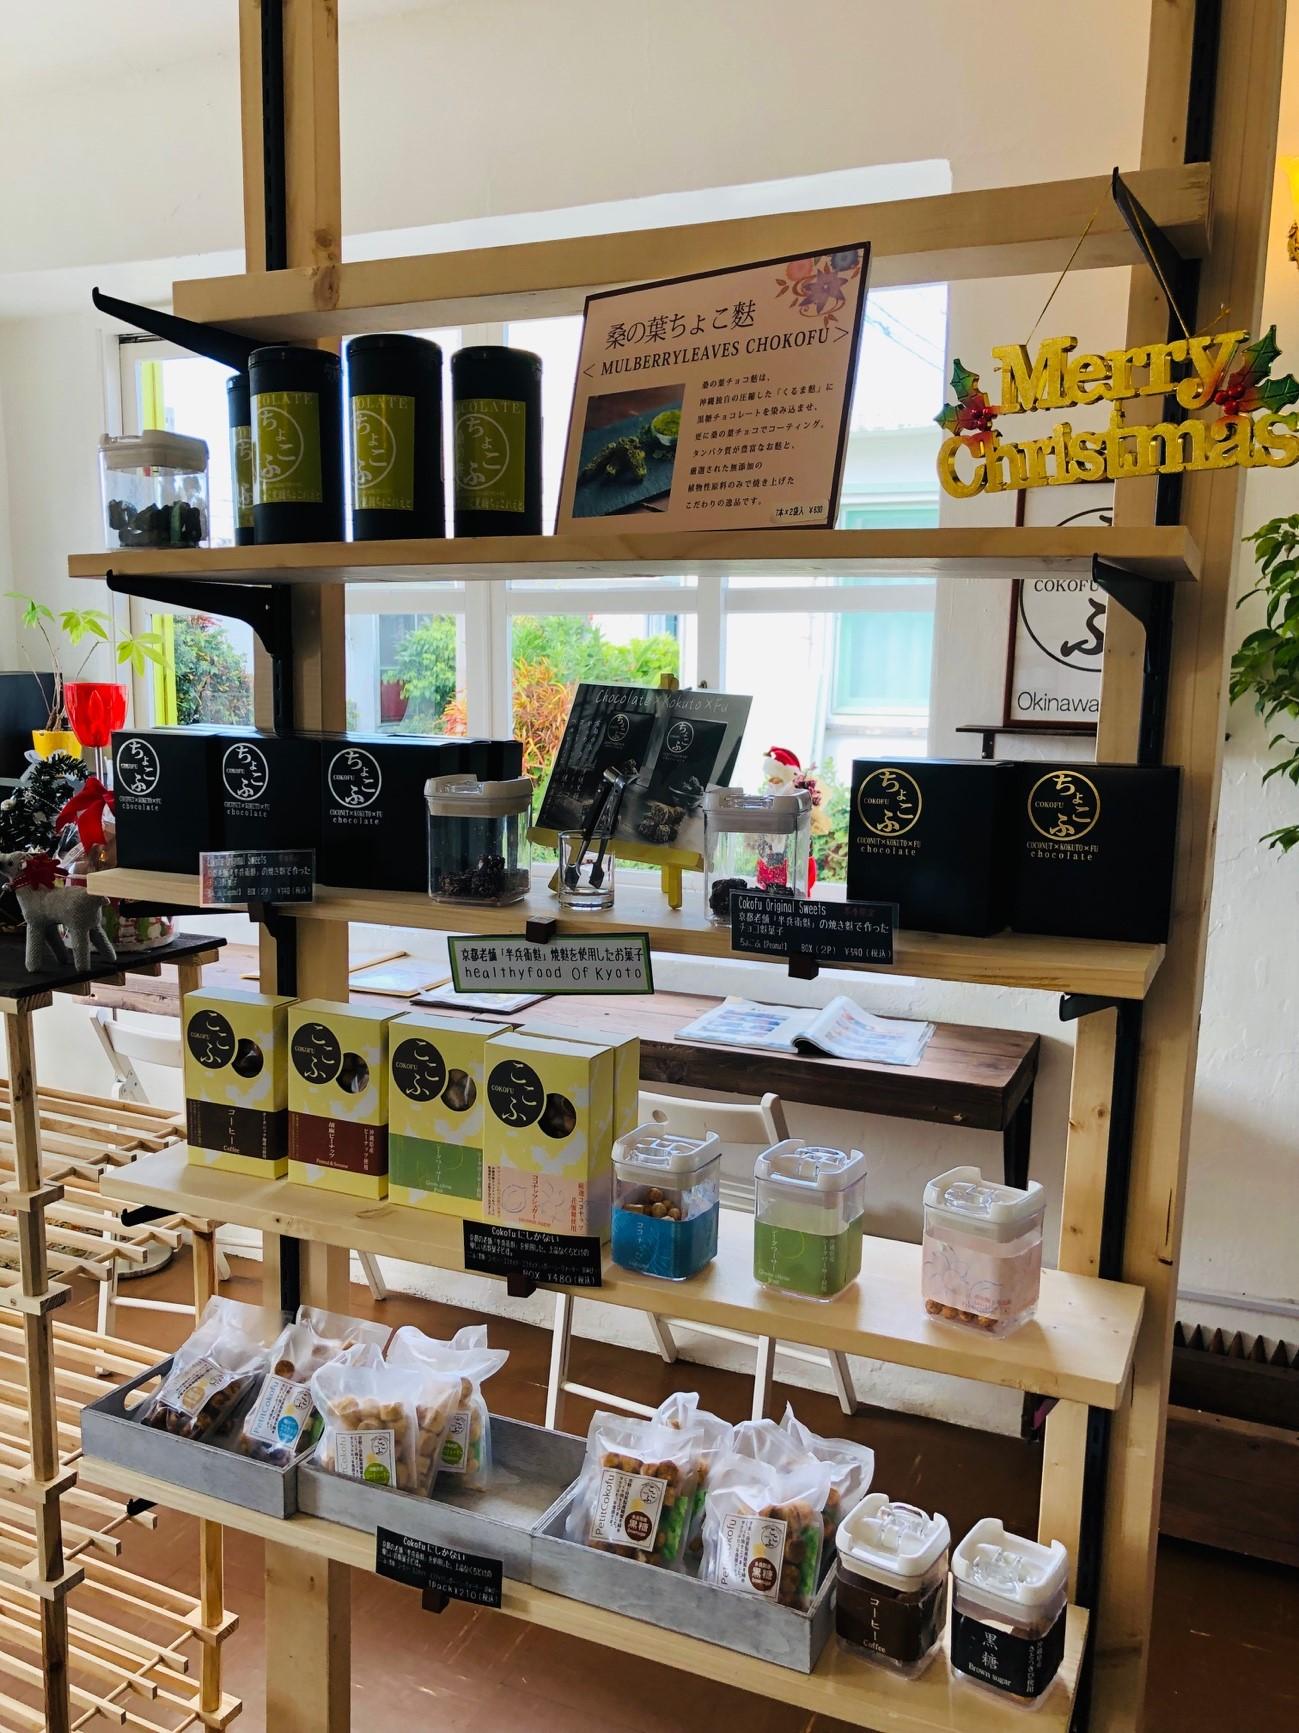 おしゃれカフェ「COKOFU(ココフ)」のショップスペース